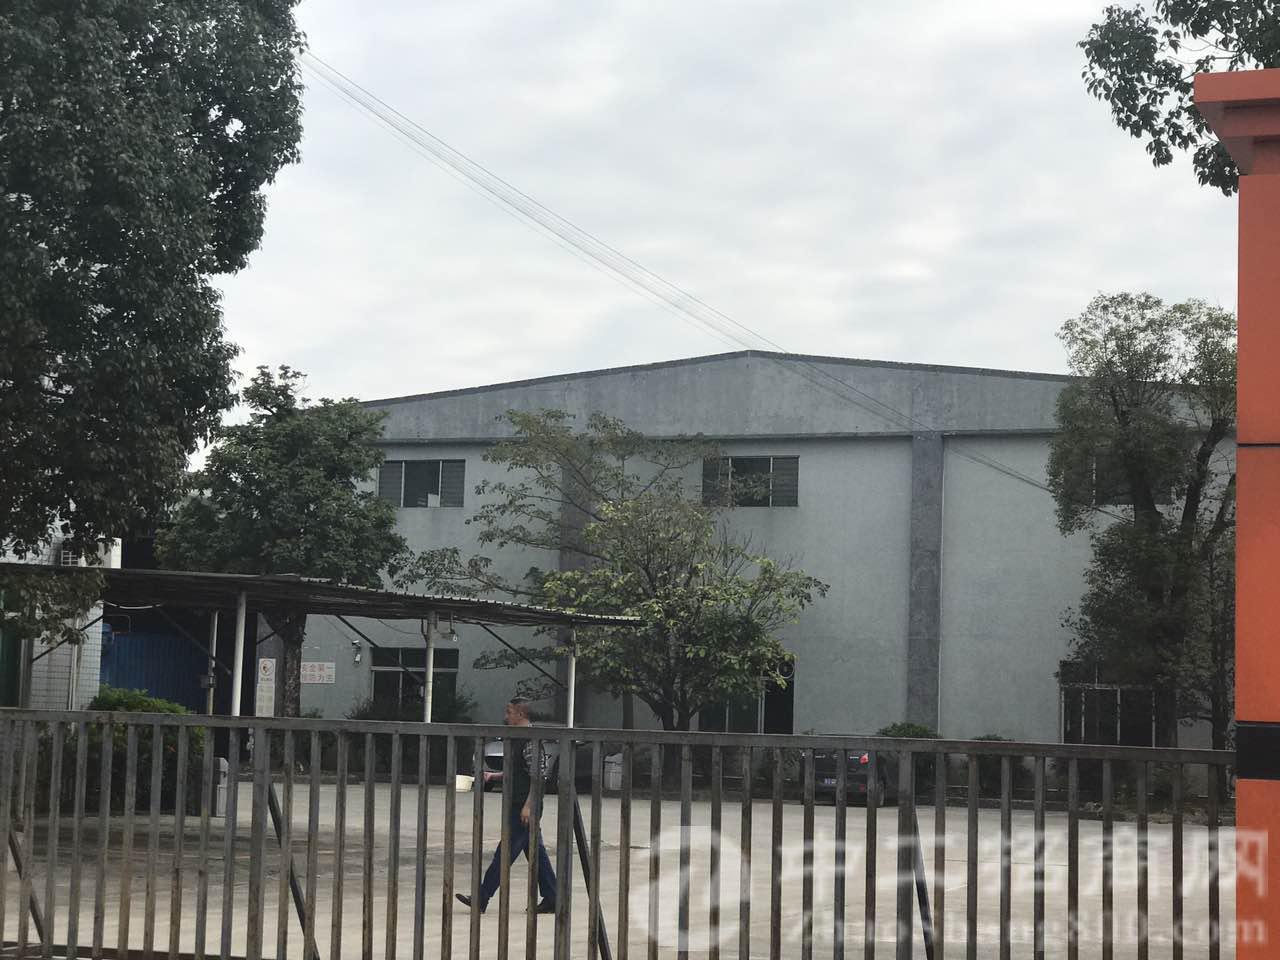 惠州市龙溪镇占地 16500 ㎡建筑 17433 ㎡国有证厂